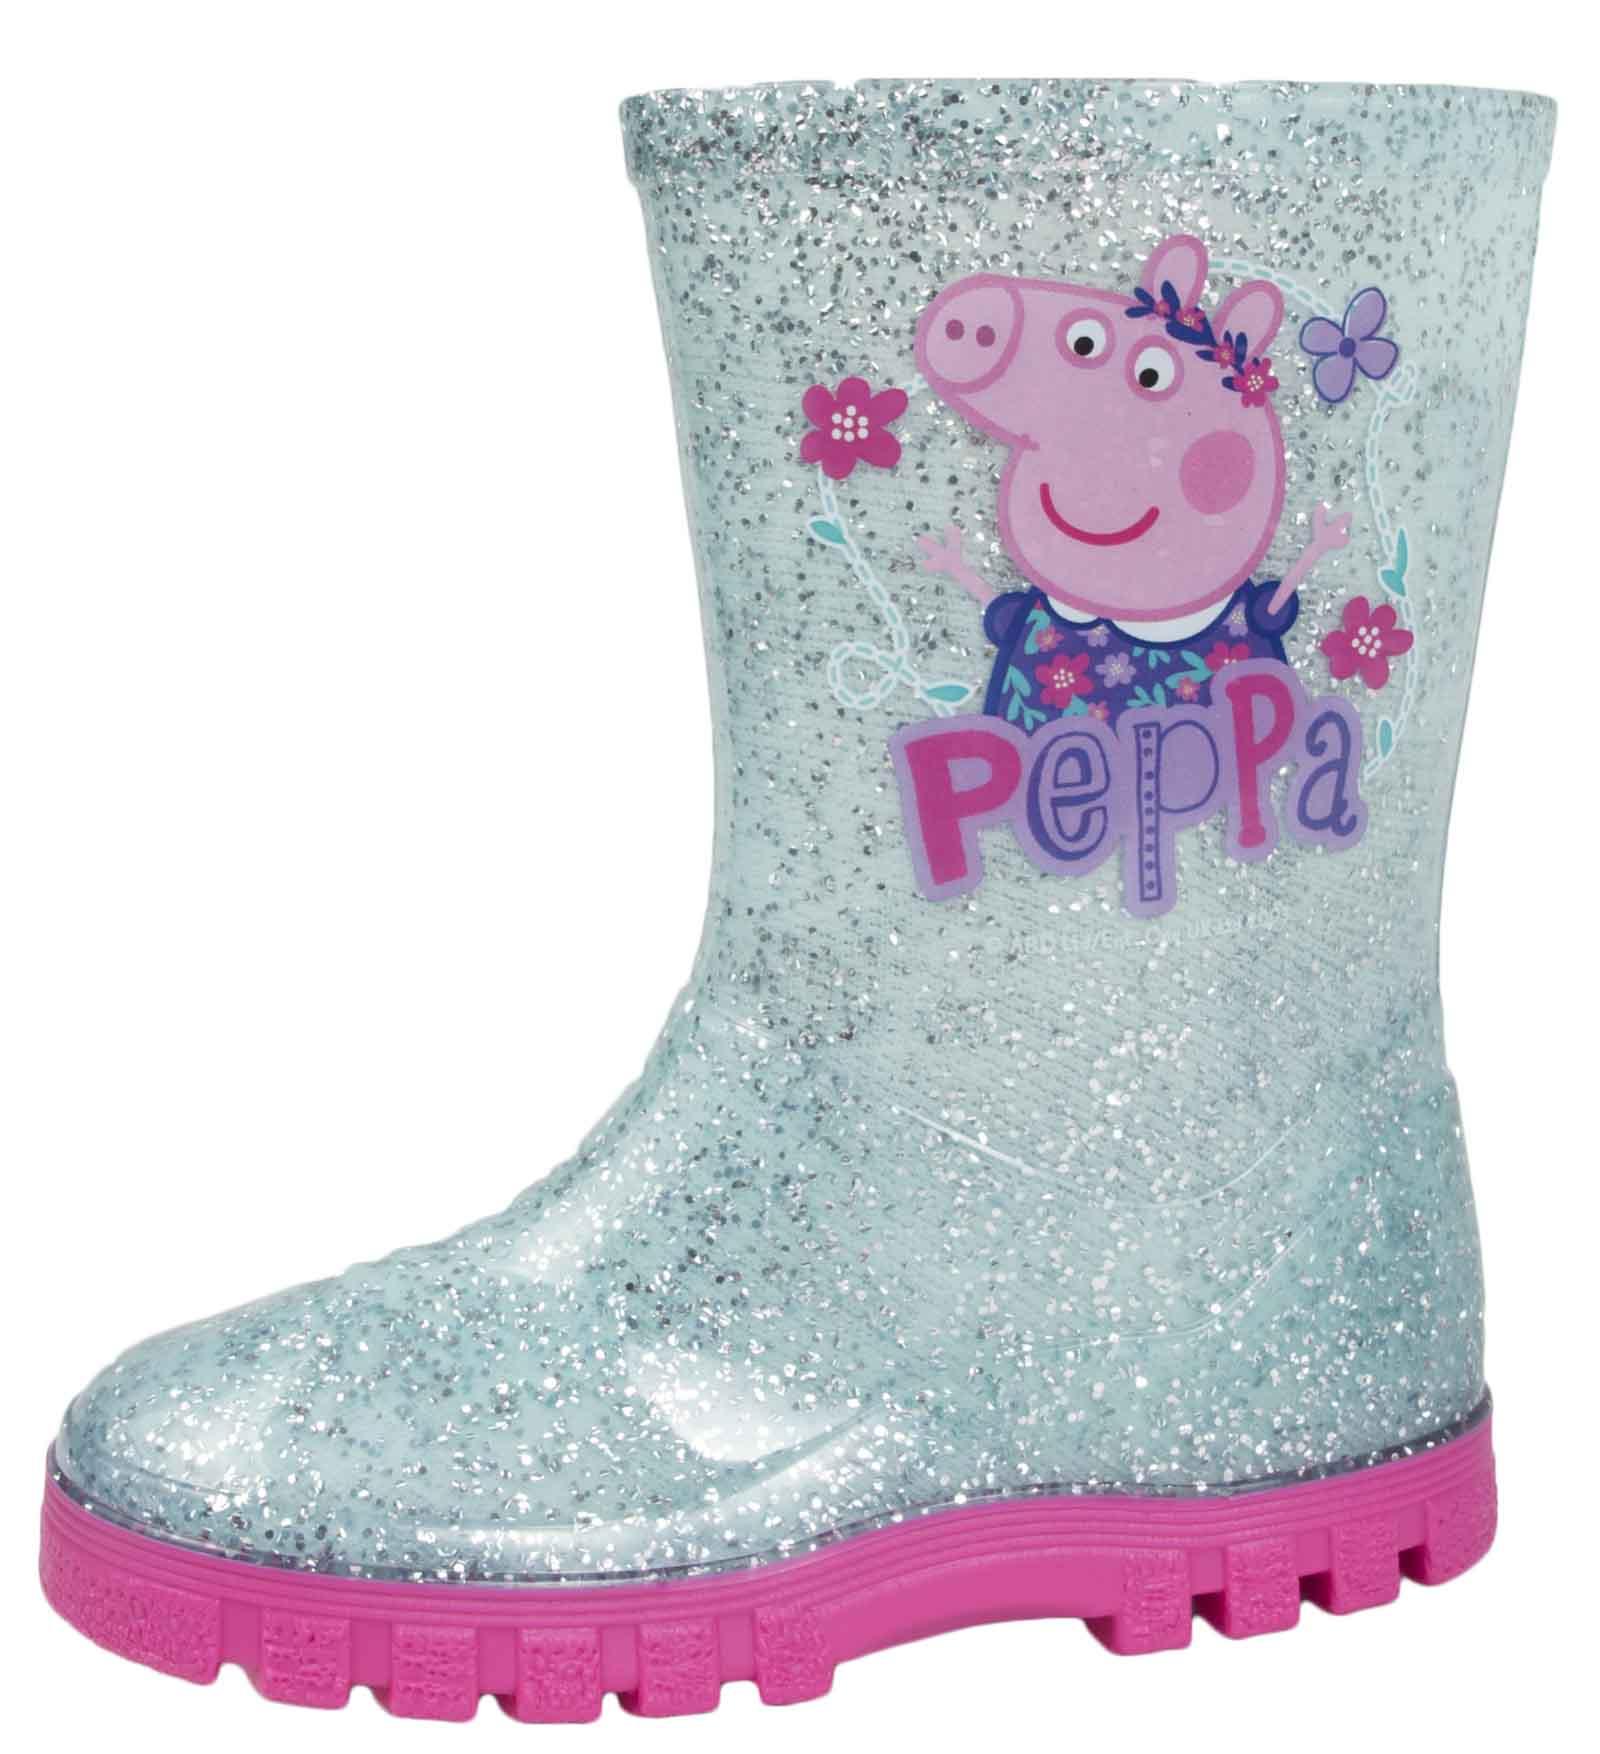 Girls Peppa Pig Wellington Boots Mid Calf Gitter Snow Rain Wellies Kids Size